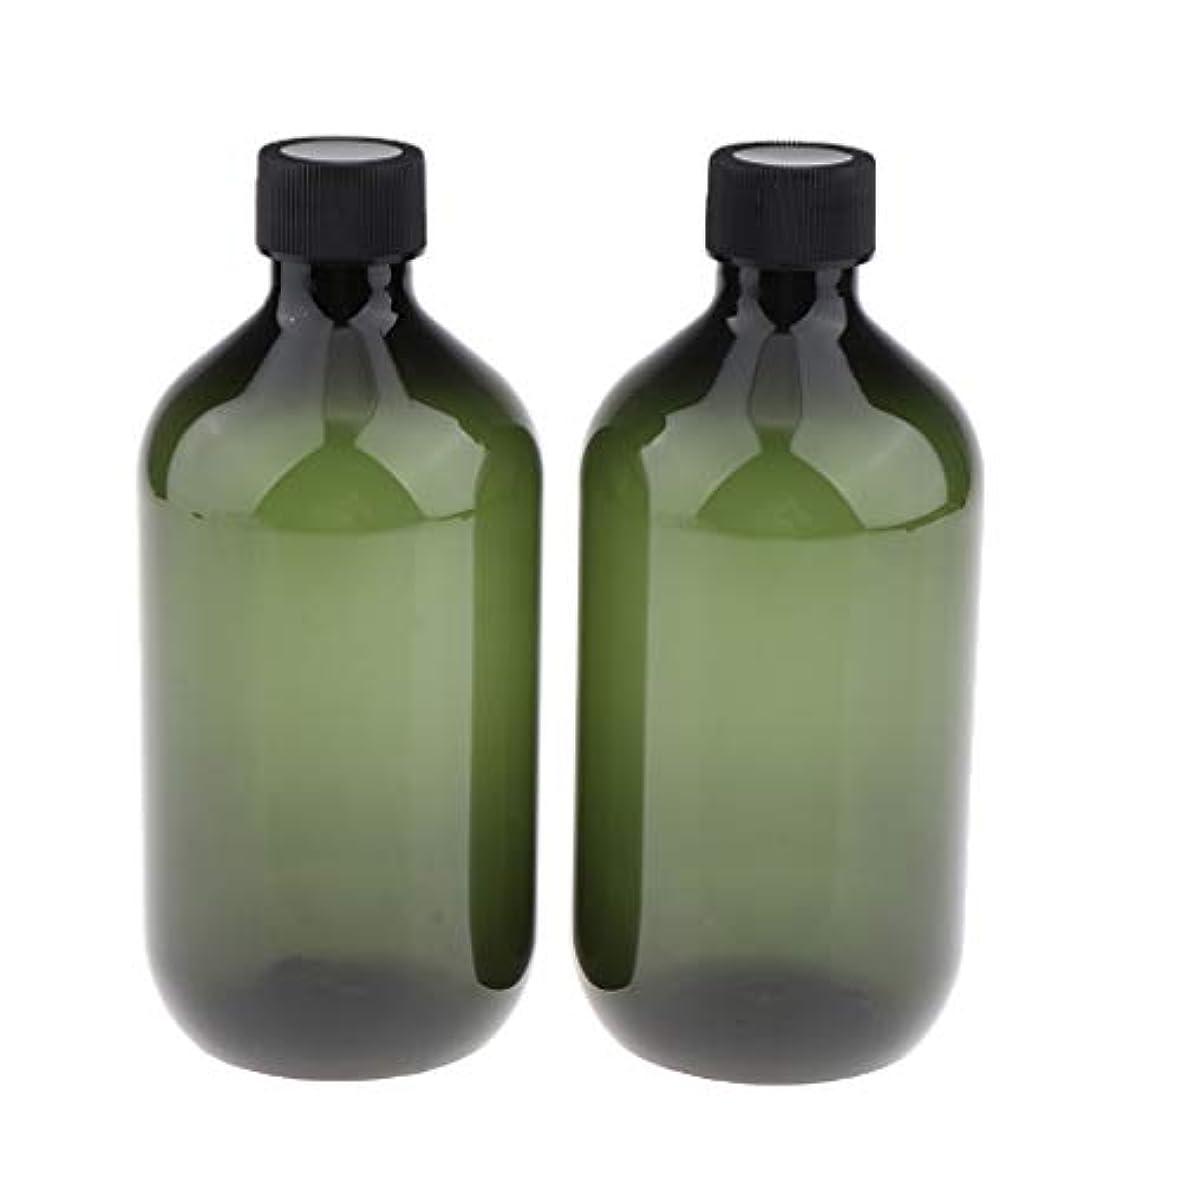 活性化するパーフェルビッド解体するP Prettyia ディスペンサー 空ボトル 遮光瓶 PPプラスチック 大容量 洗剤用 500ミリリットル 全2色 - ピクルスグリーン